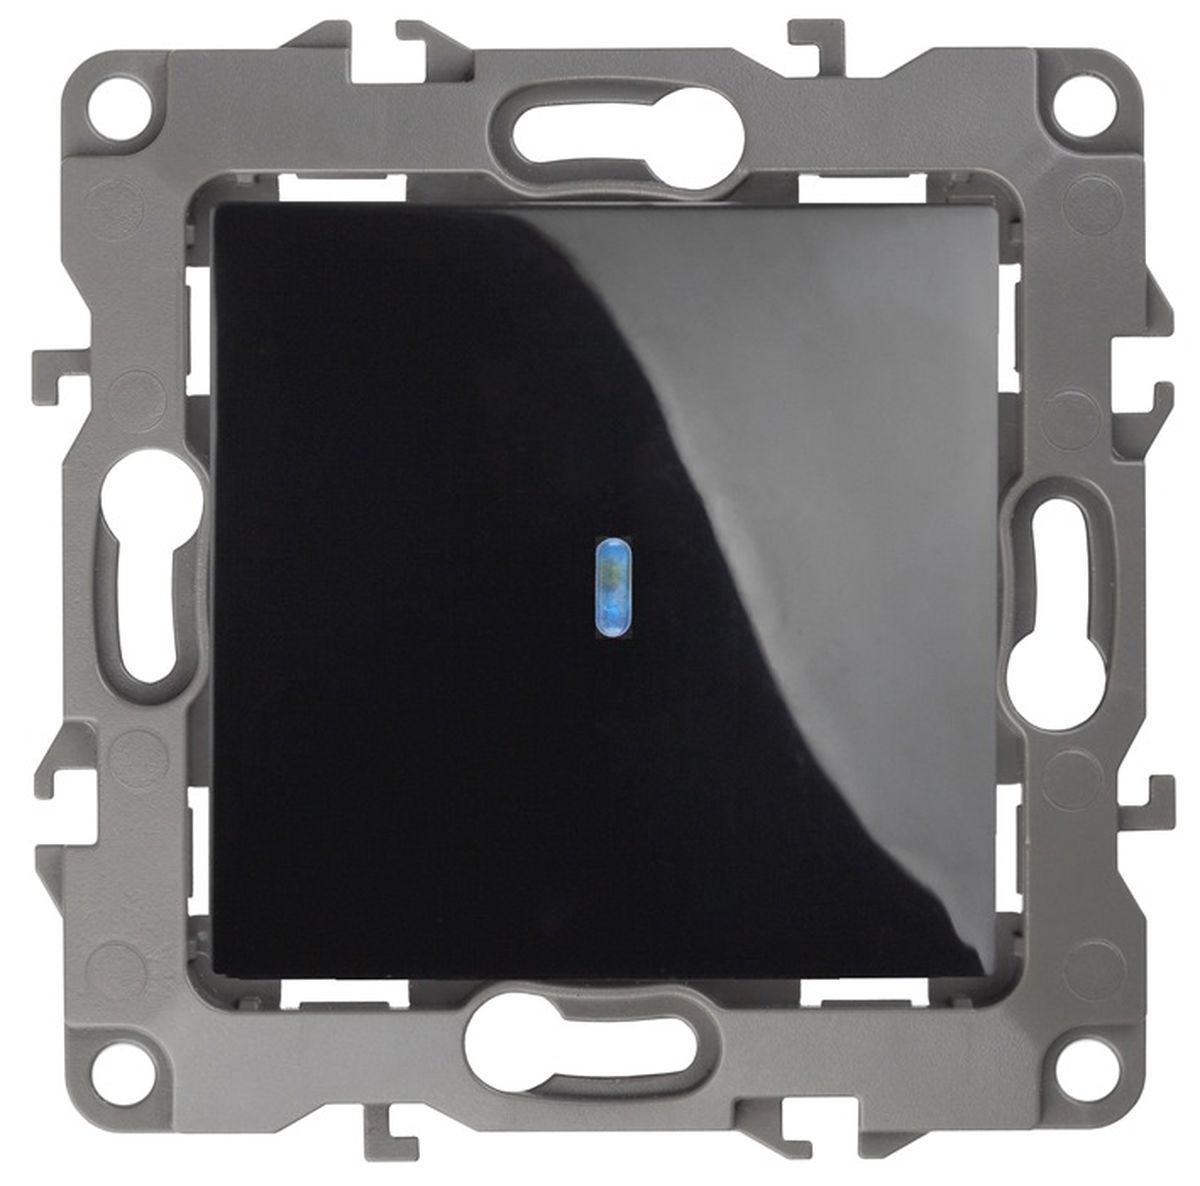 Выключатель ЭРА с подсветкой, 10АХ-250В, Эра12, черный12-1102-06Автоматические зажимы. Такие зажимы кабеля обеспечивают быстрый и надежный монтаж изделия к электросети без отвертки и не требуют обслуживания в отличие от винтовых зажимов.